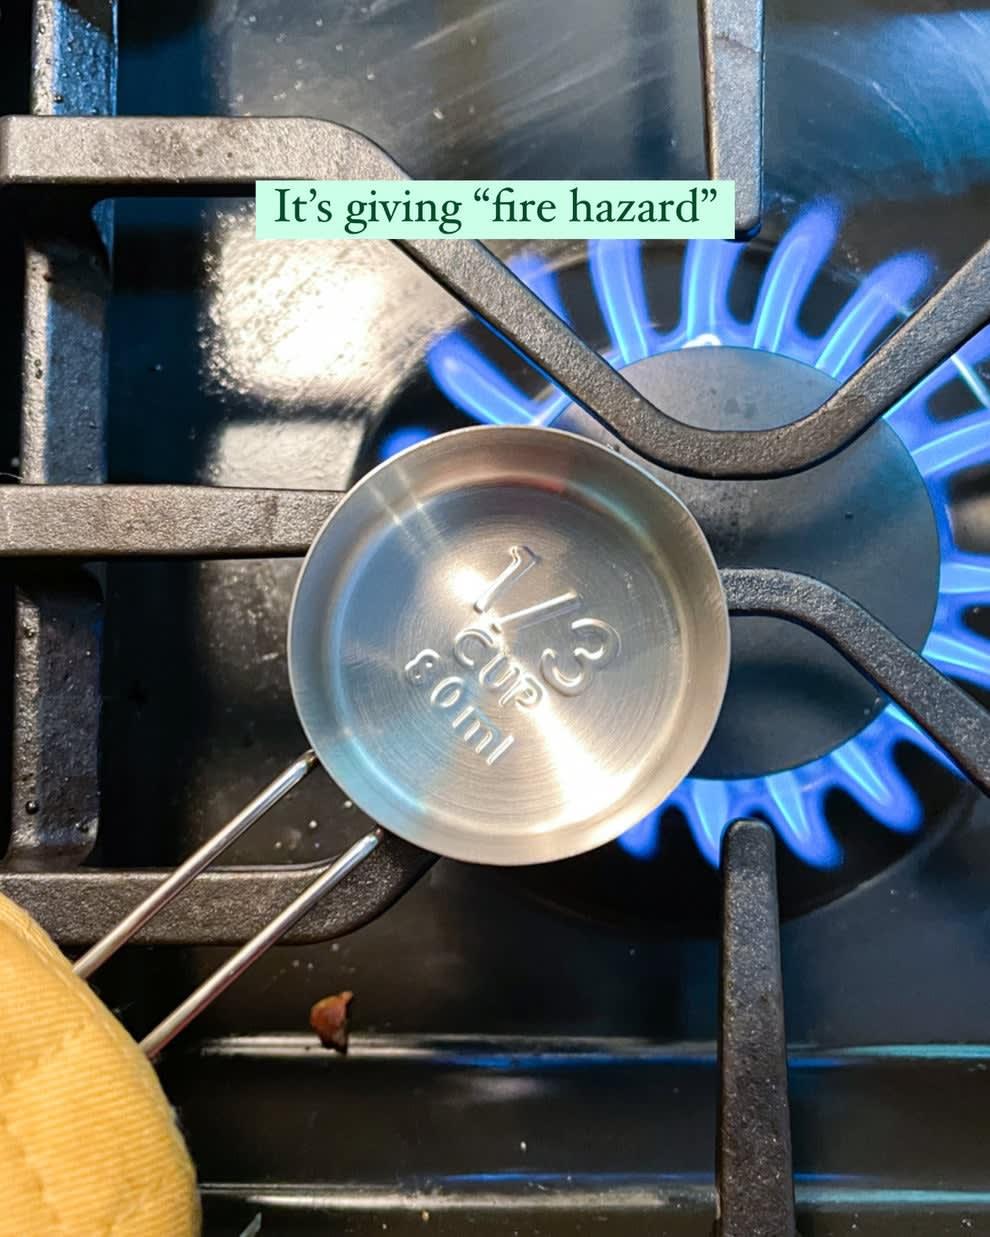 copo de medição de aço inoxidável sobre a chama em um fogão